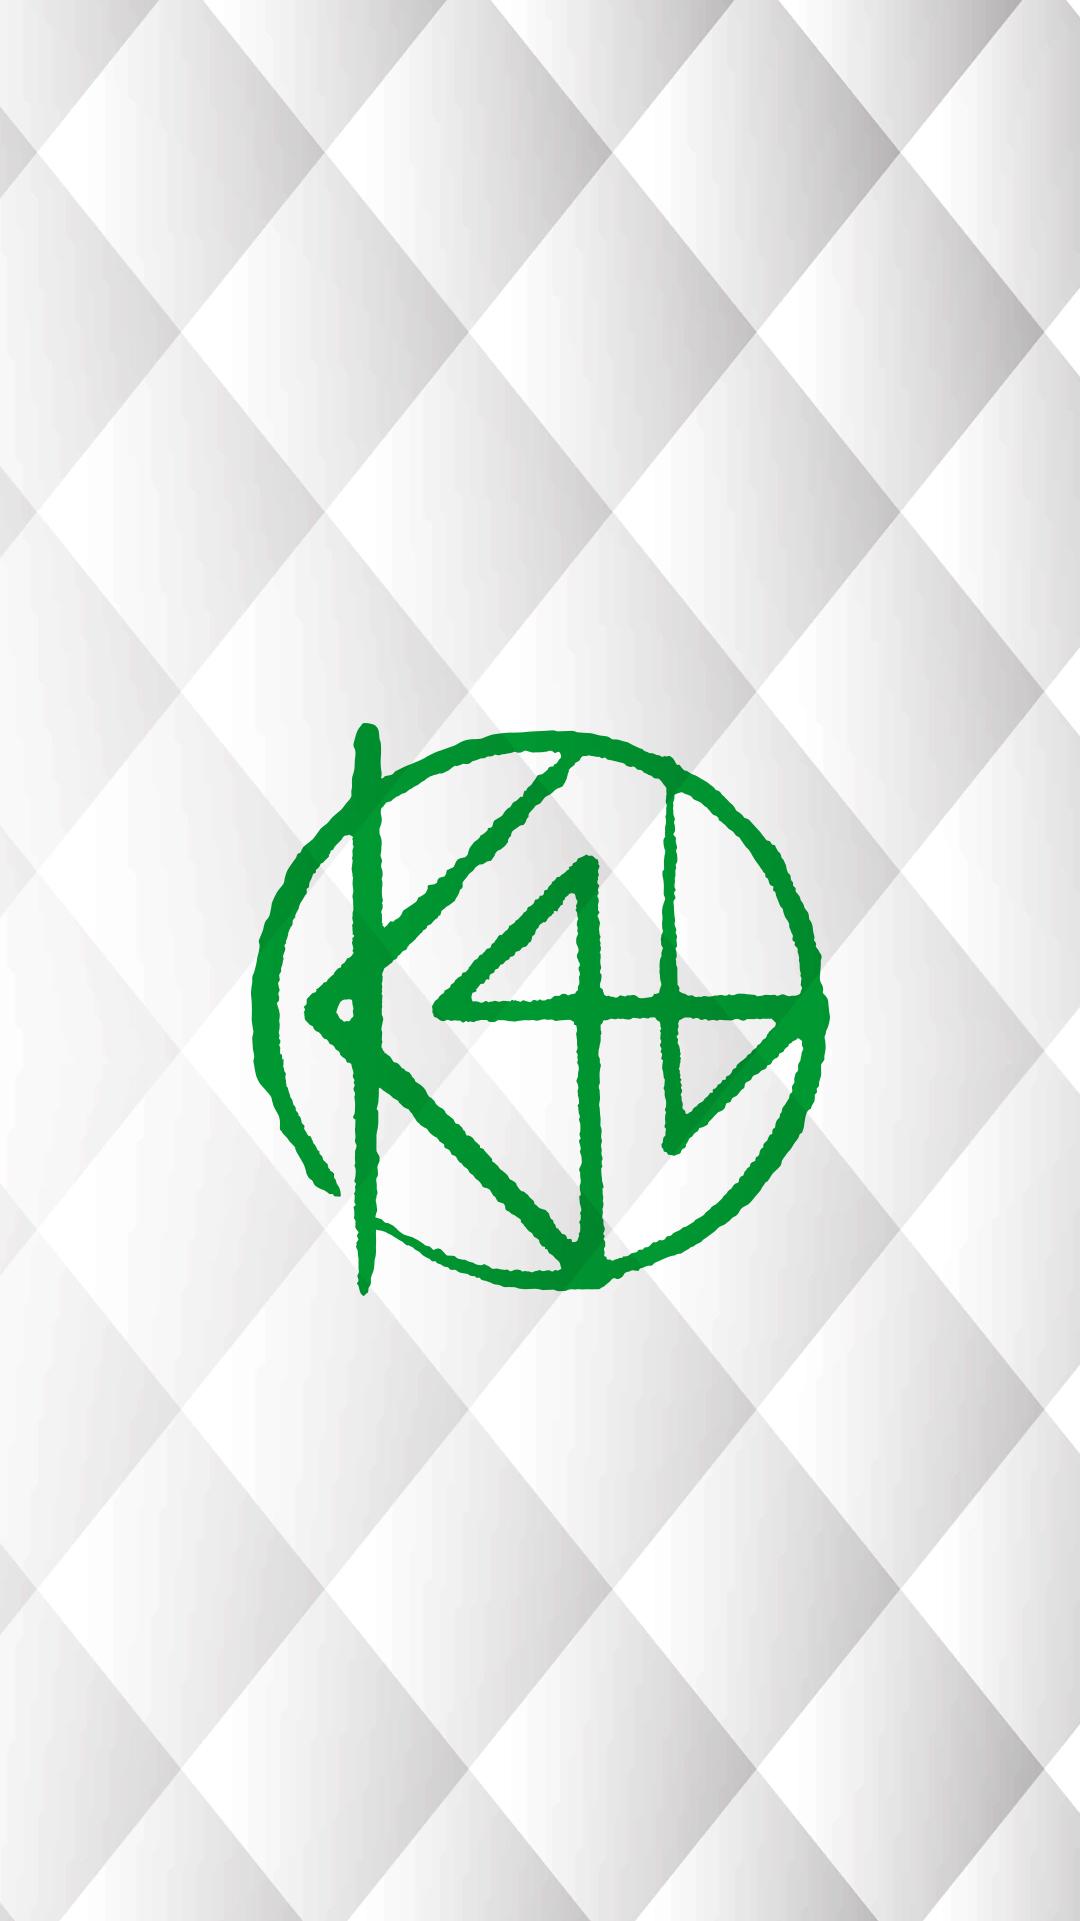 【欅坂46】ロゴシンプルバージョンスマホ壁紙画像 170417|01